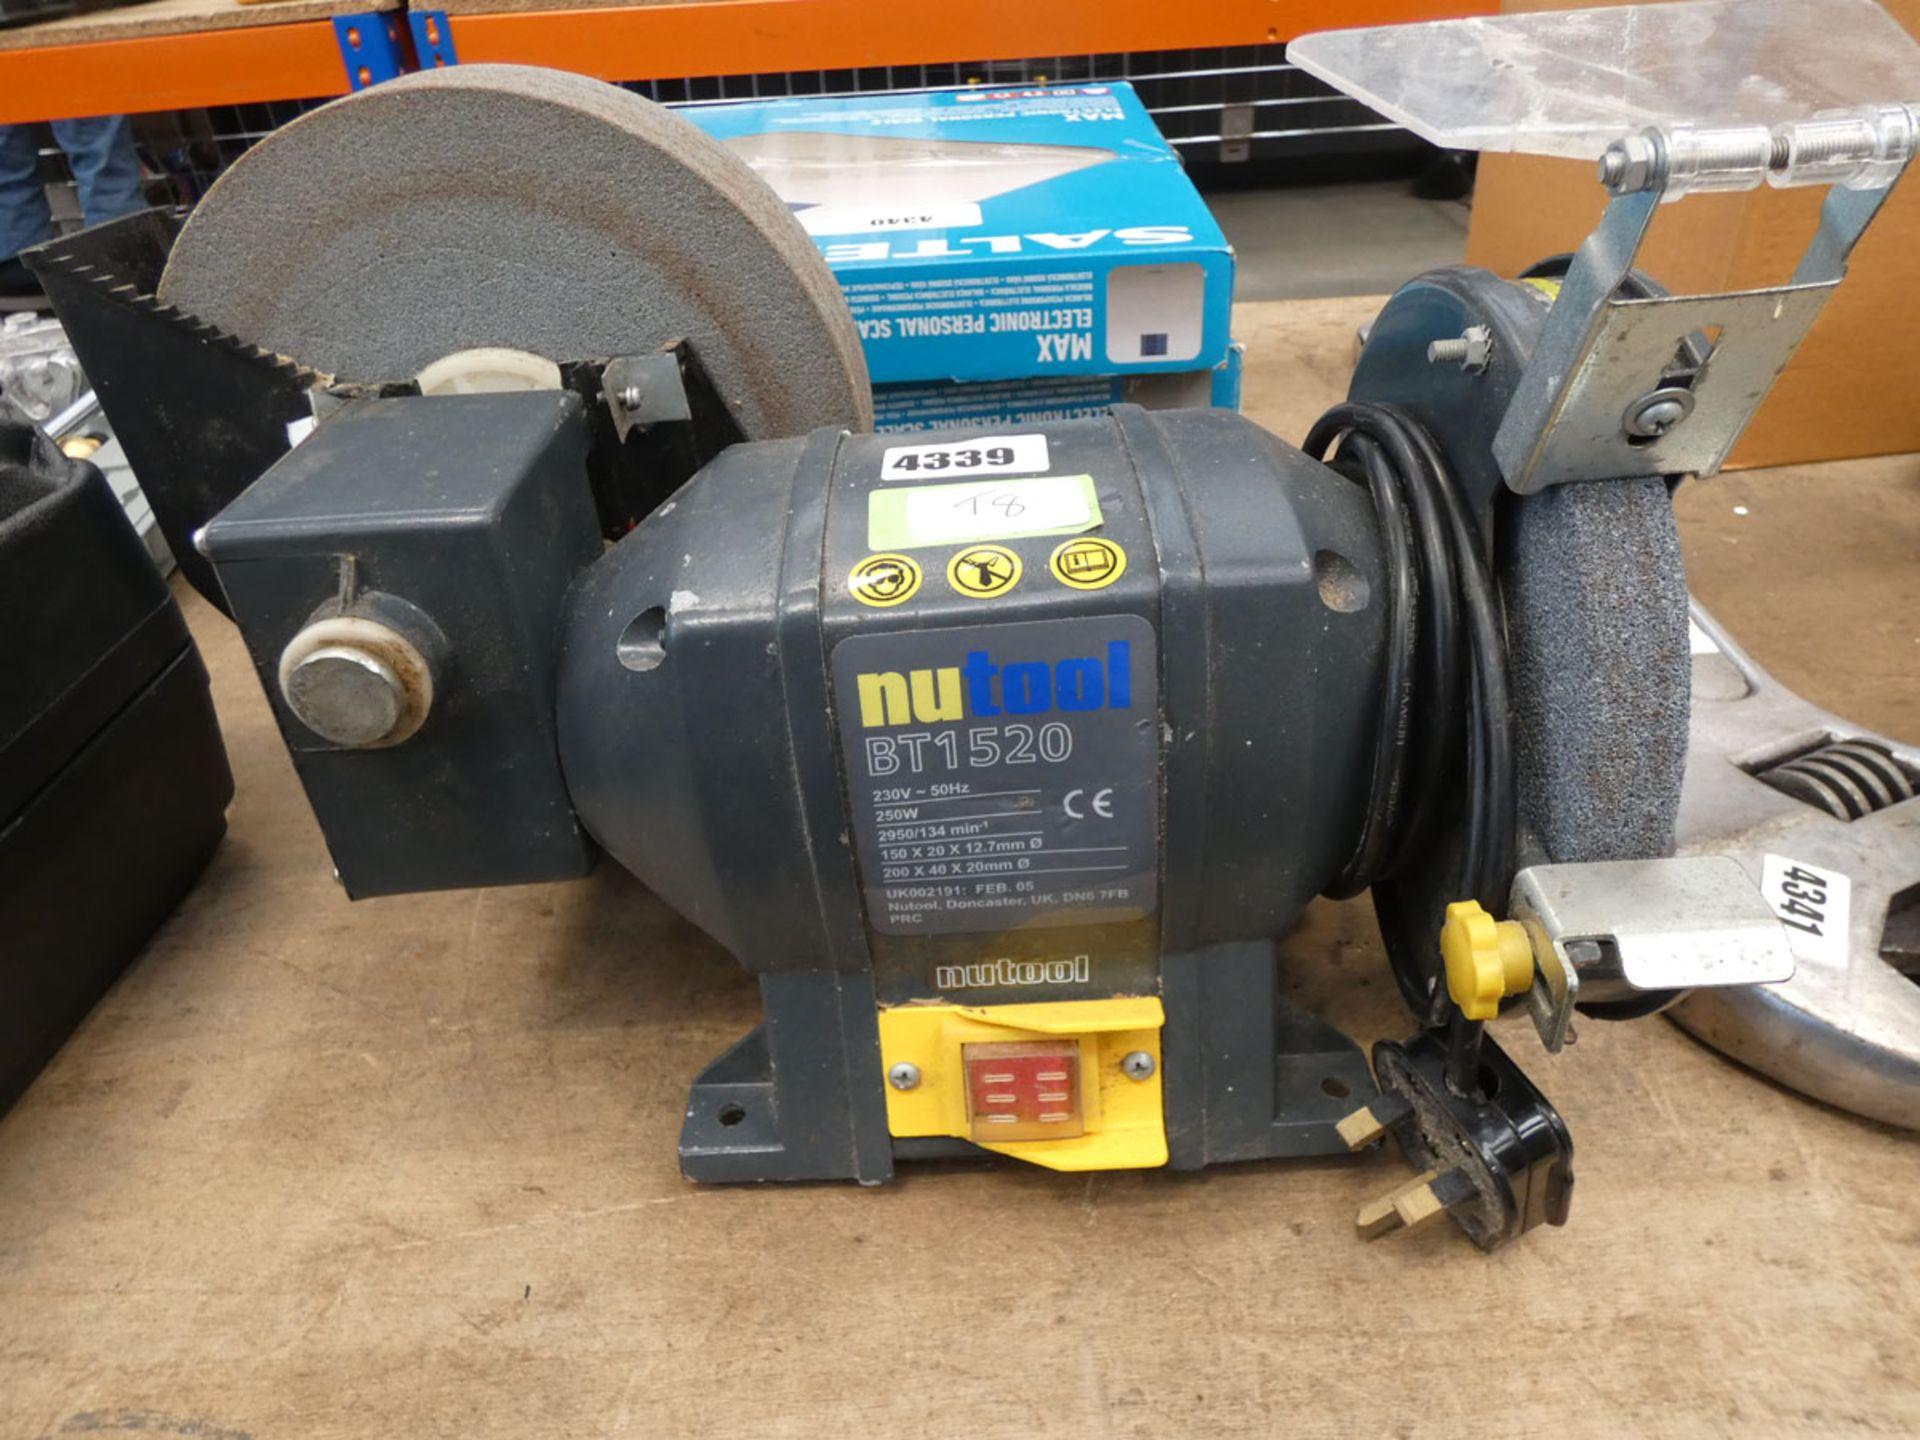 Newtool bench grinder and wet grinder